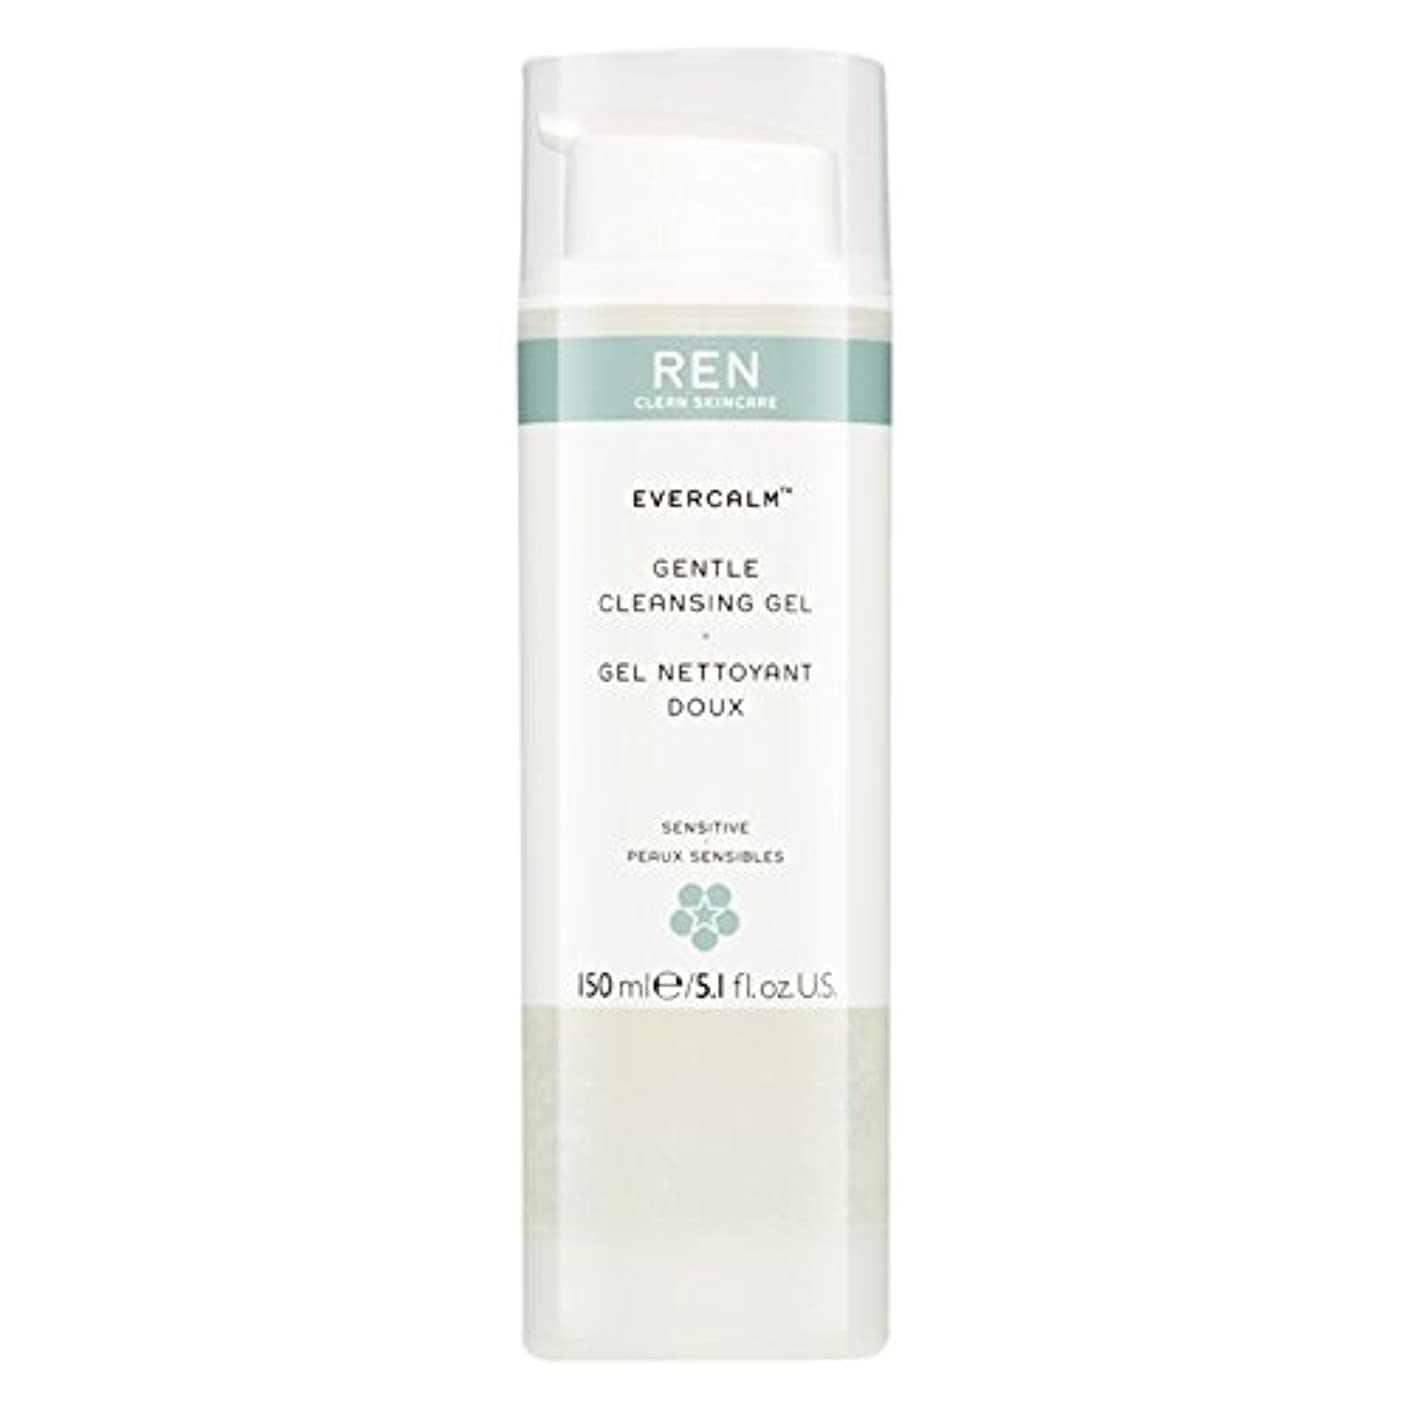 モバイル八百屋ミキサーRen Evercalm優しいクレンジングジェル、150ミリリットル (REN) (x6) - REN Evercalm Gentle Cleansing Gel, 150ml (Pack of 6) [並行輸入品]